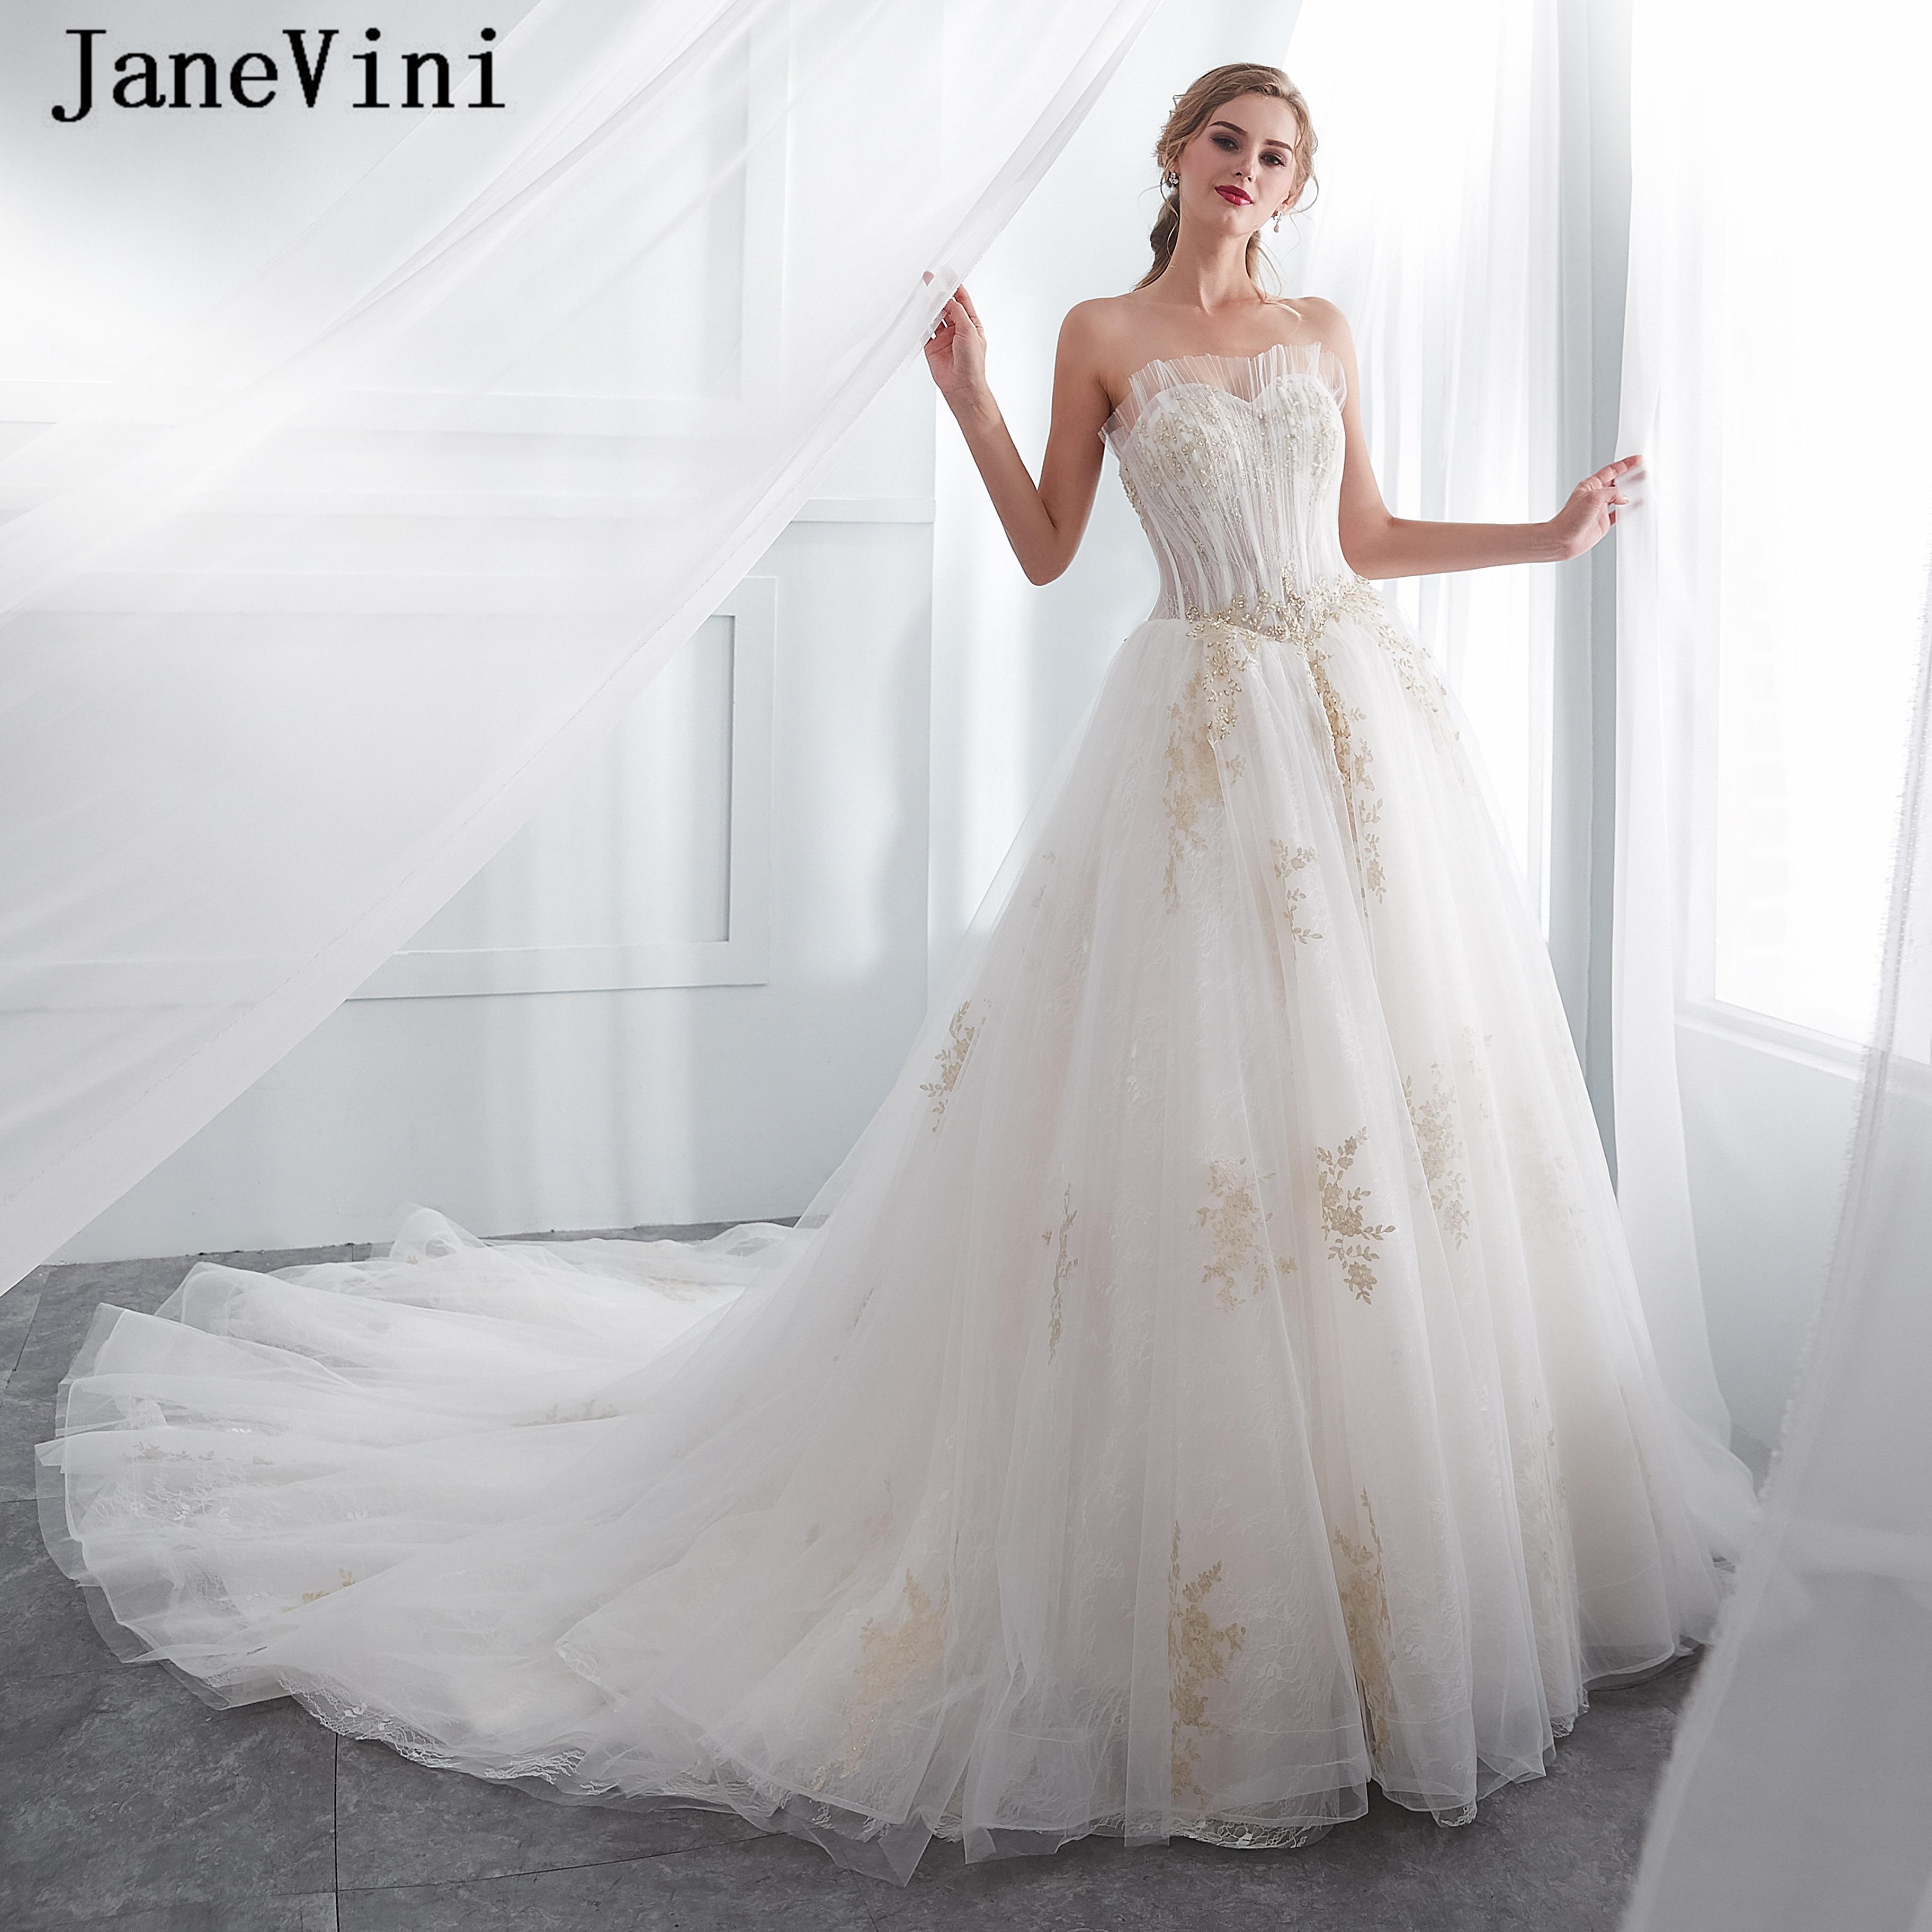 Vestidos De novia largos De encaje blanco De JaneVini 2019 vestidos De novia con apliques dorados con cuentas Vestido De novia De talla grande De Noiva